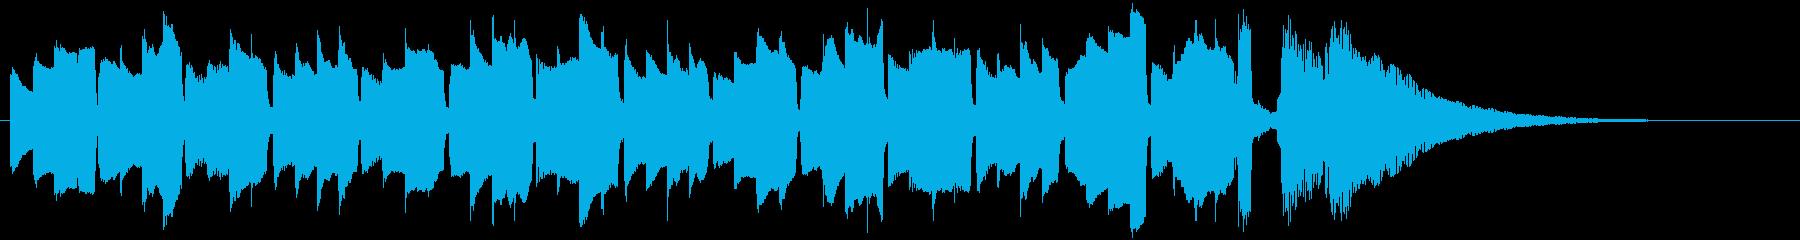 アコギの優しいシンプルアルペジオの再生済みの波形